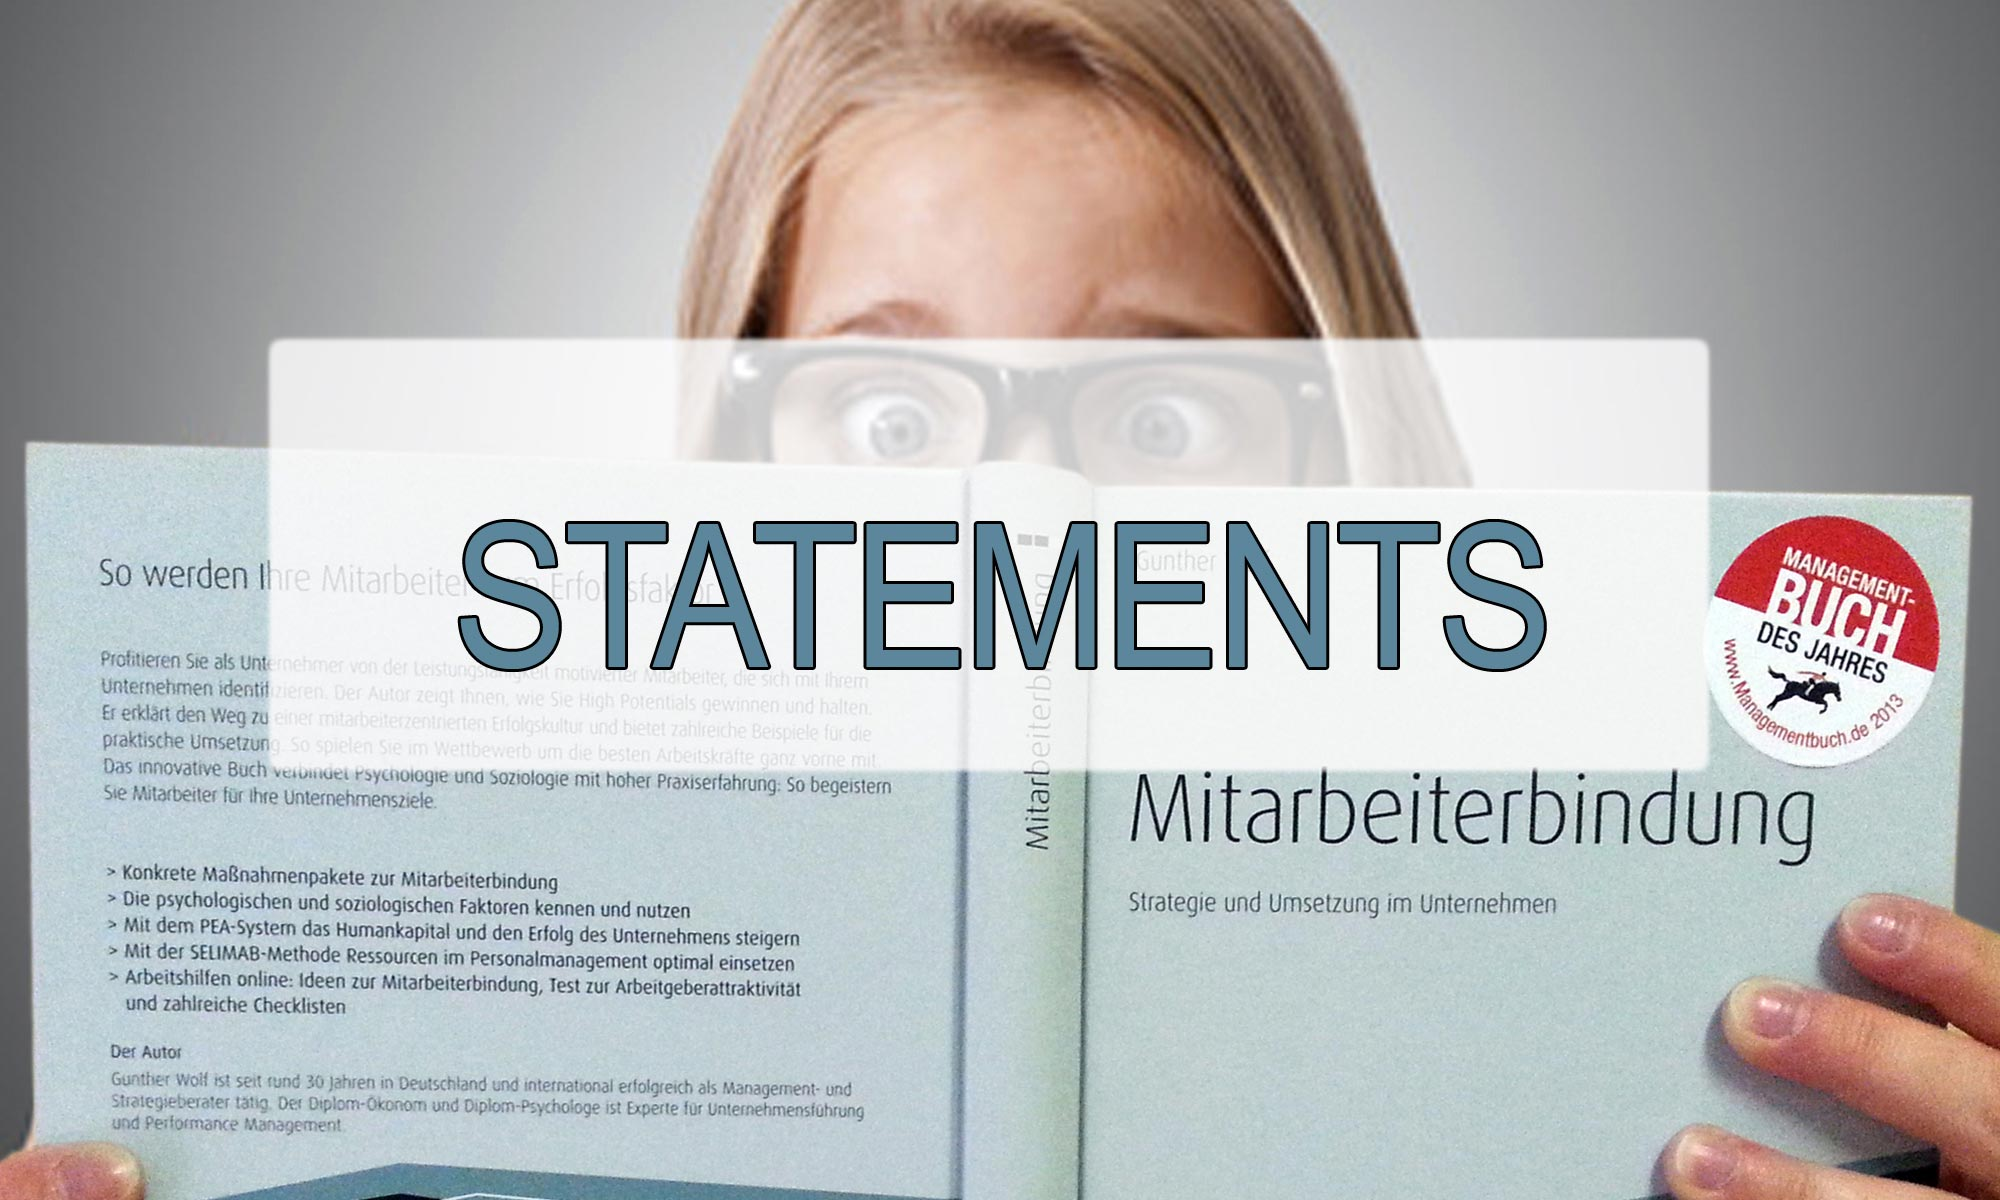 Statements Mitarbeiterbindung